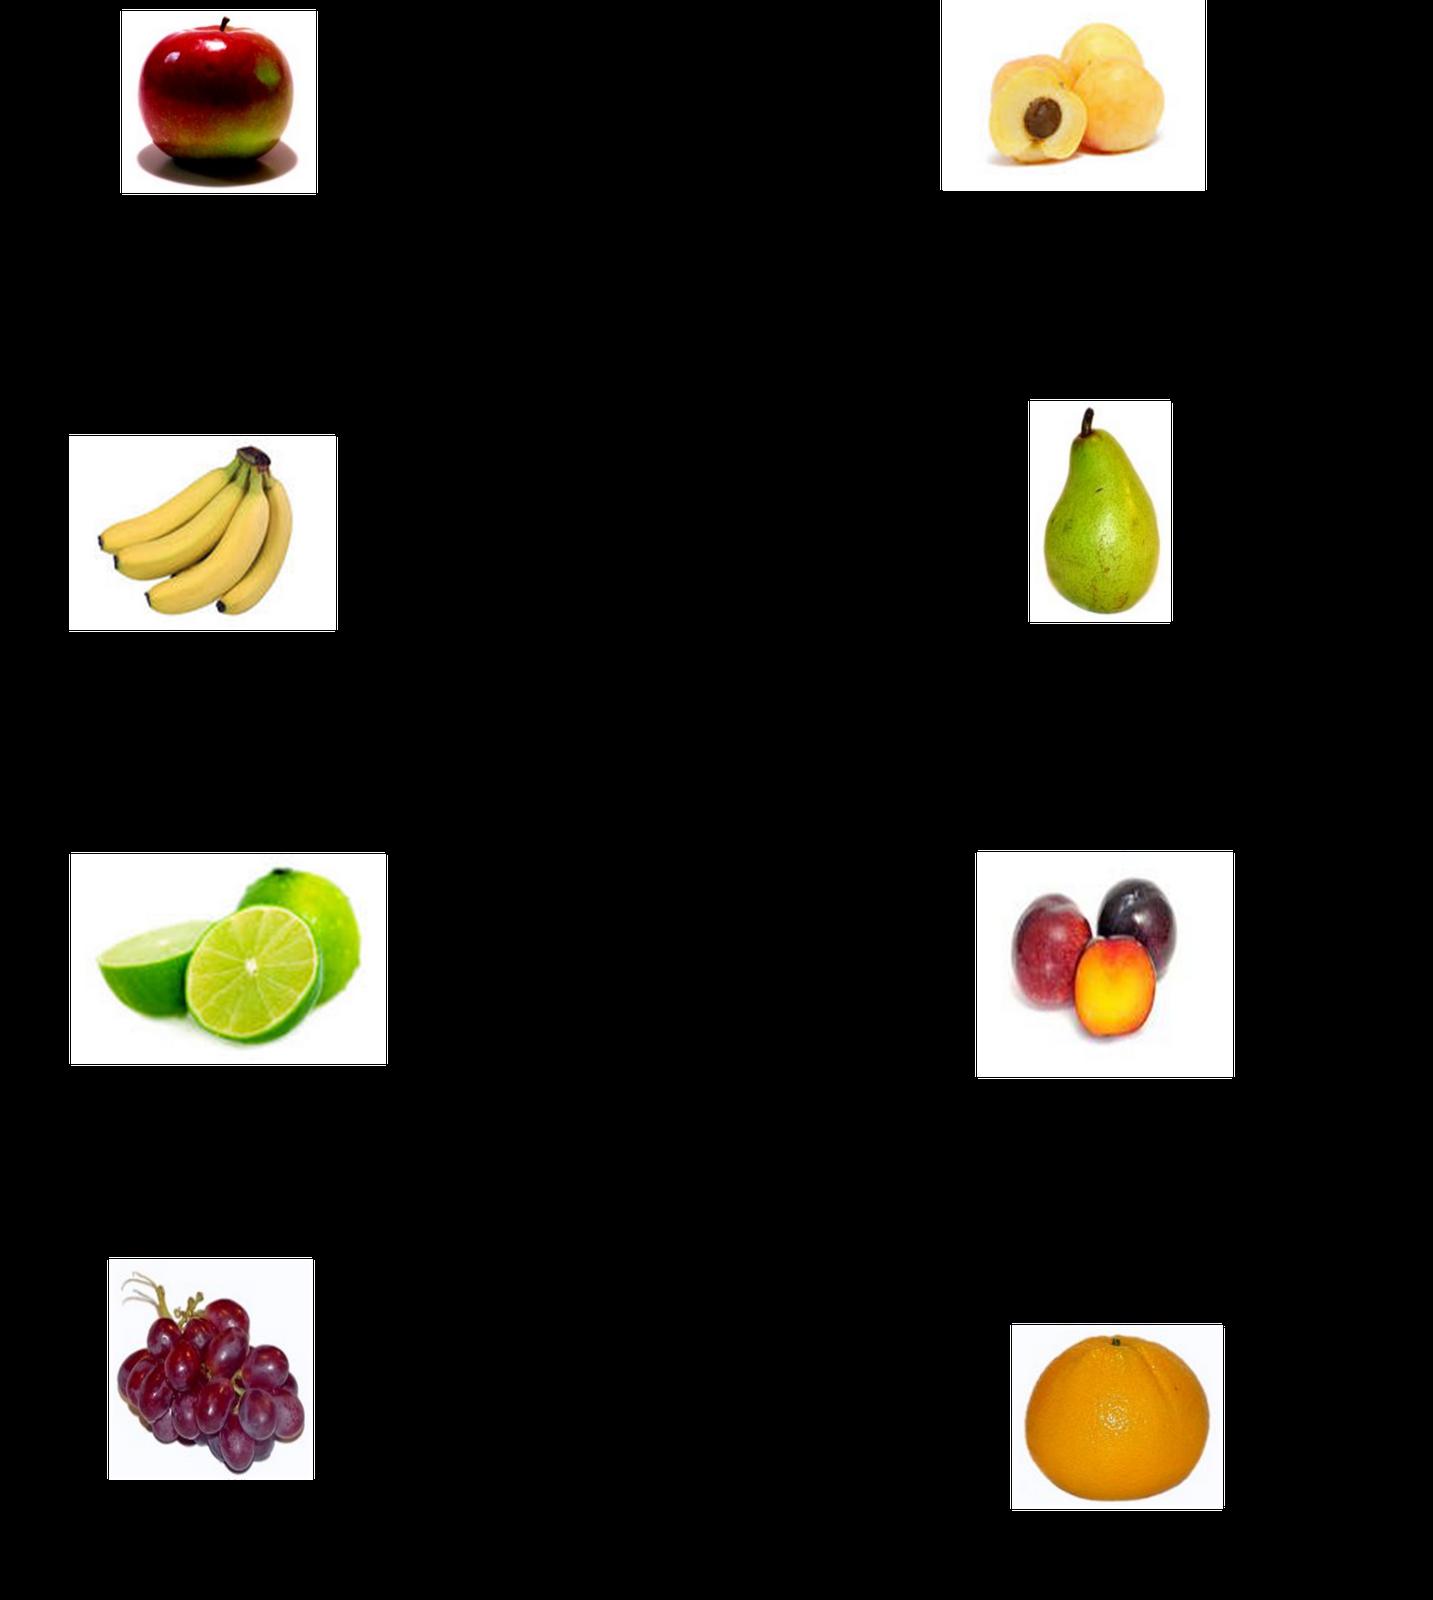 Nombres de frutas en ingles y espa ol imagui - Verduras lista de nombres ...